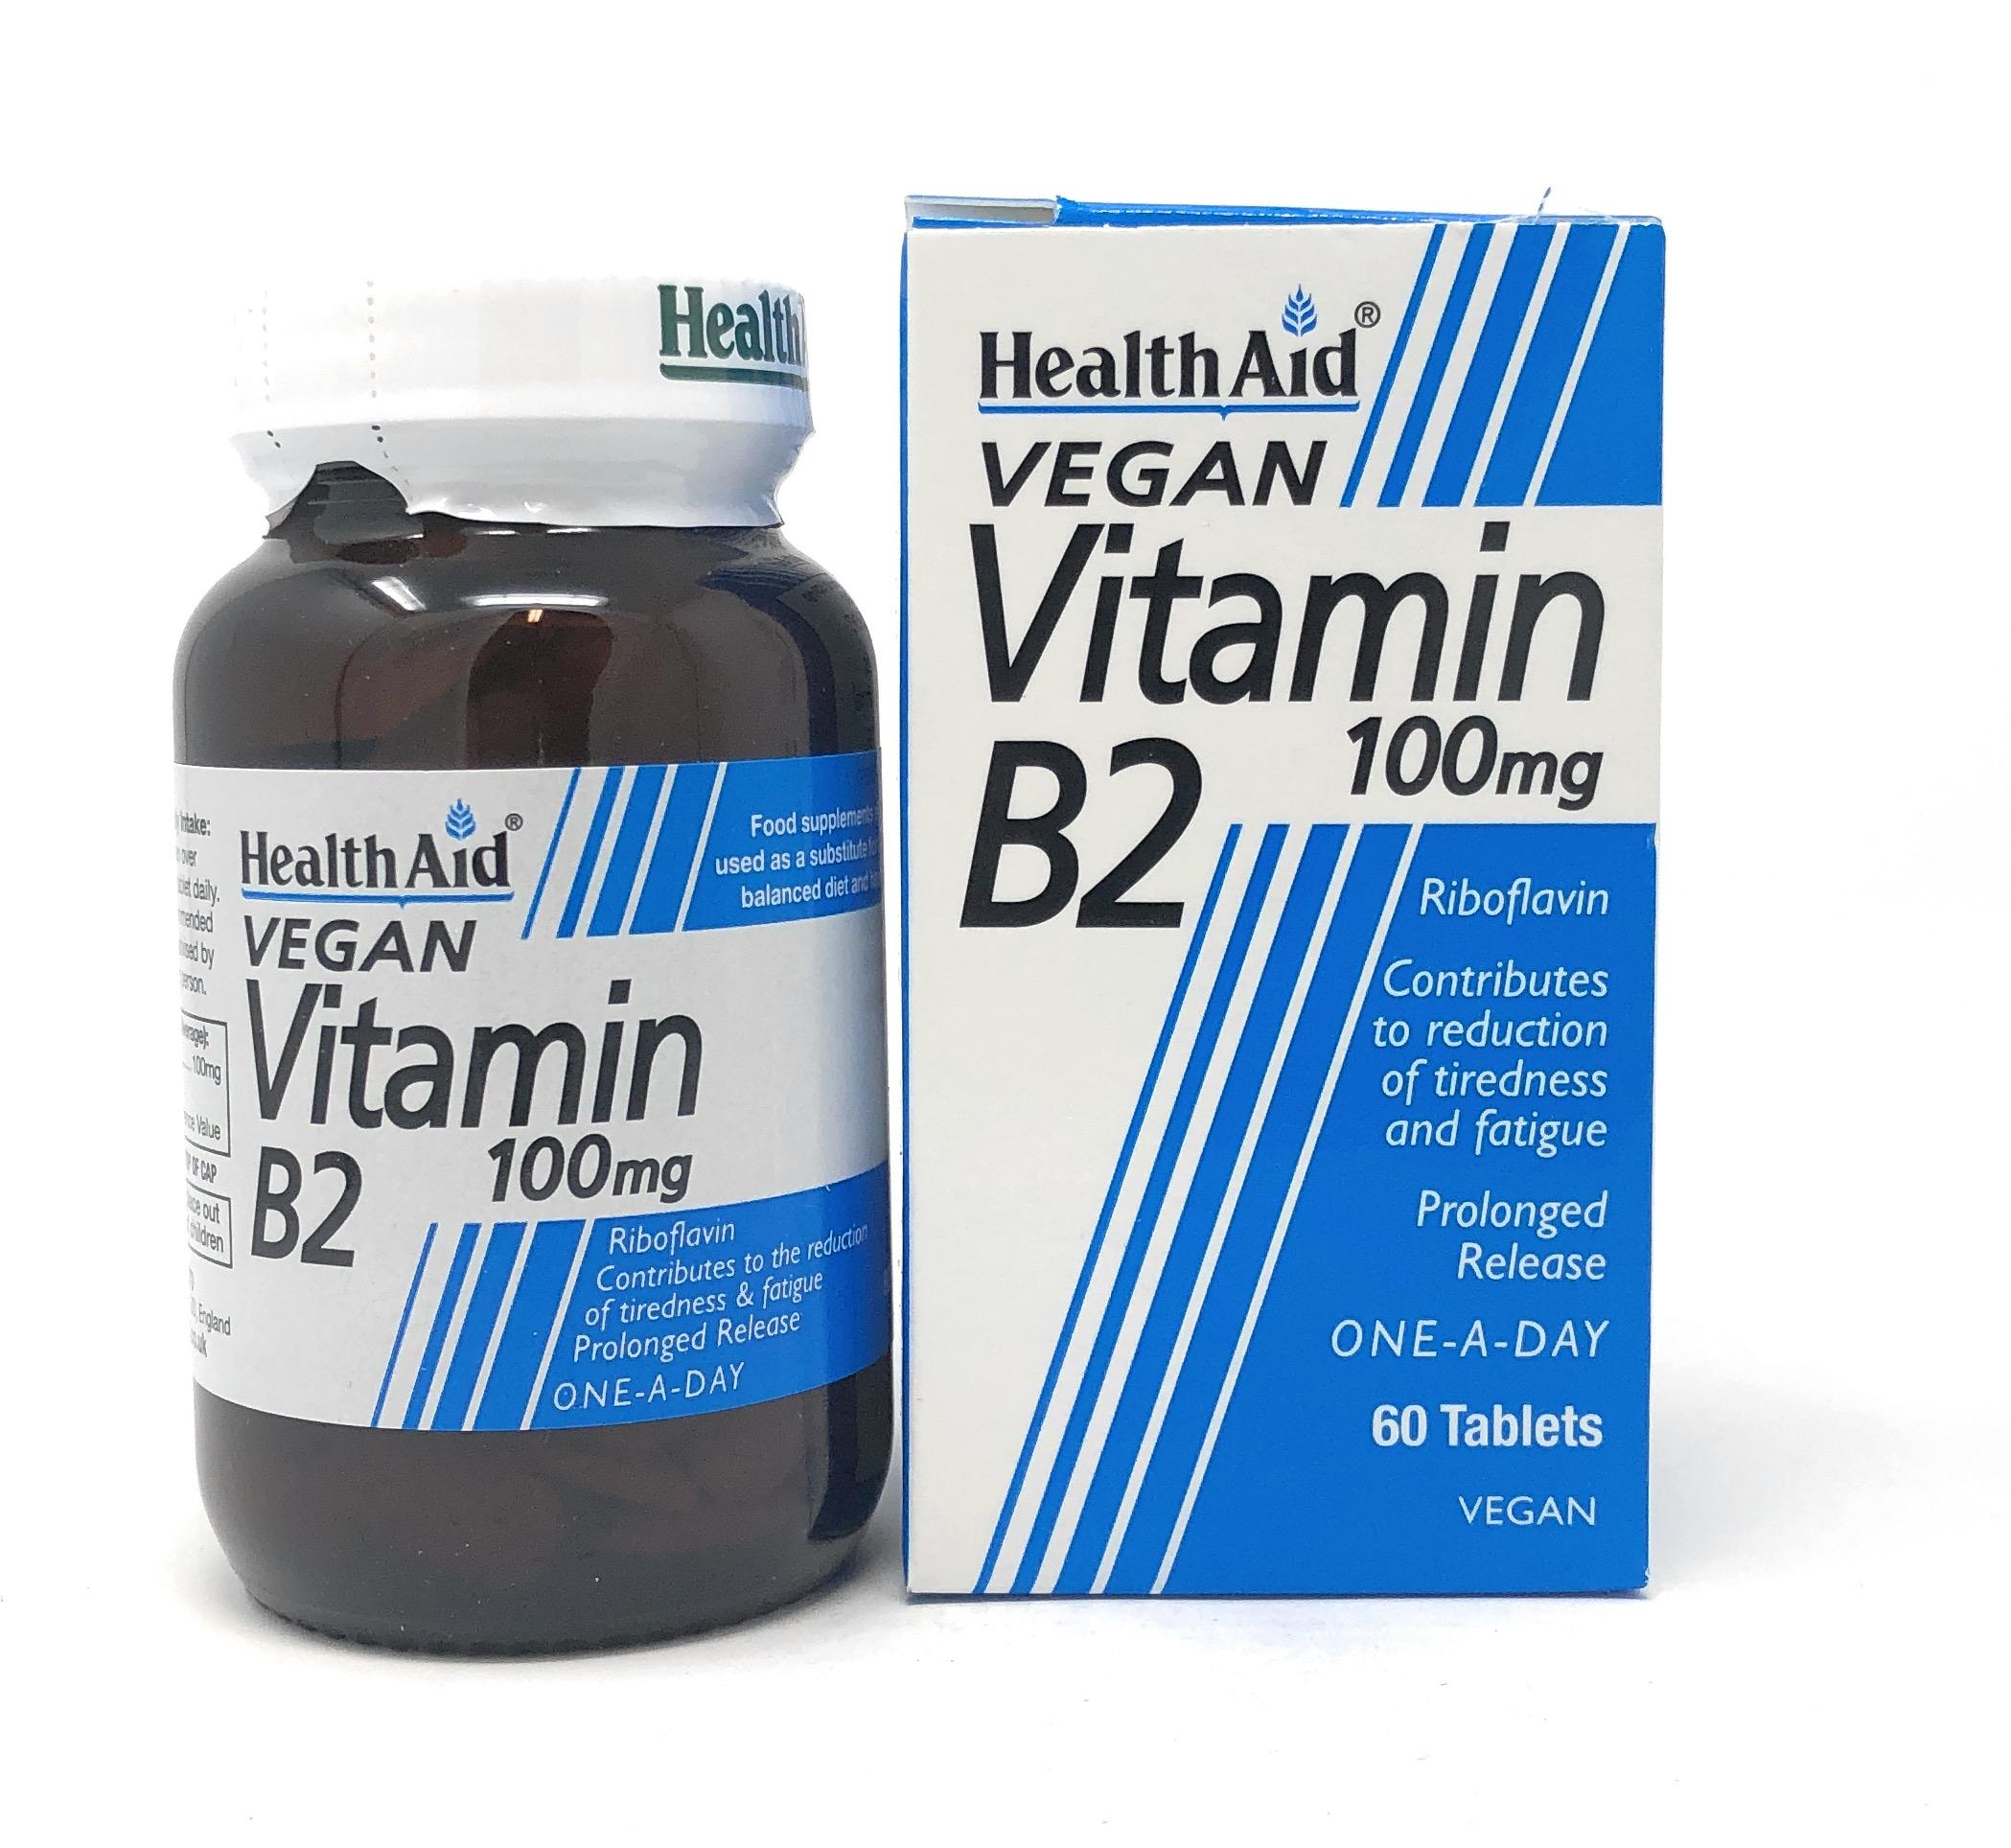 HealthAid Vitamin B2 (Riboflavin) 100mg S/R (verz. Freisetzung) 60 Tabletten (vegan)